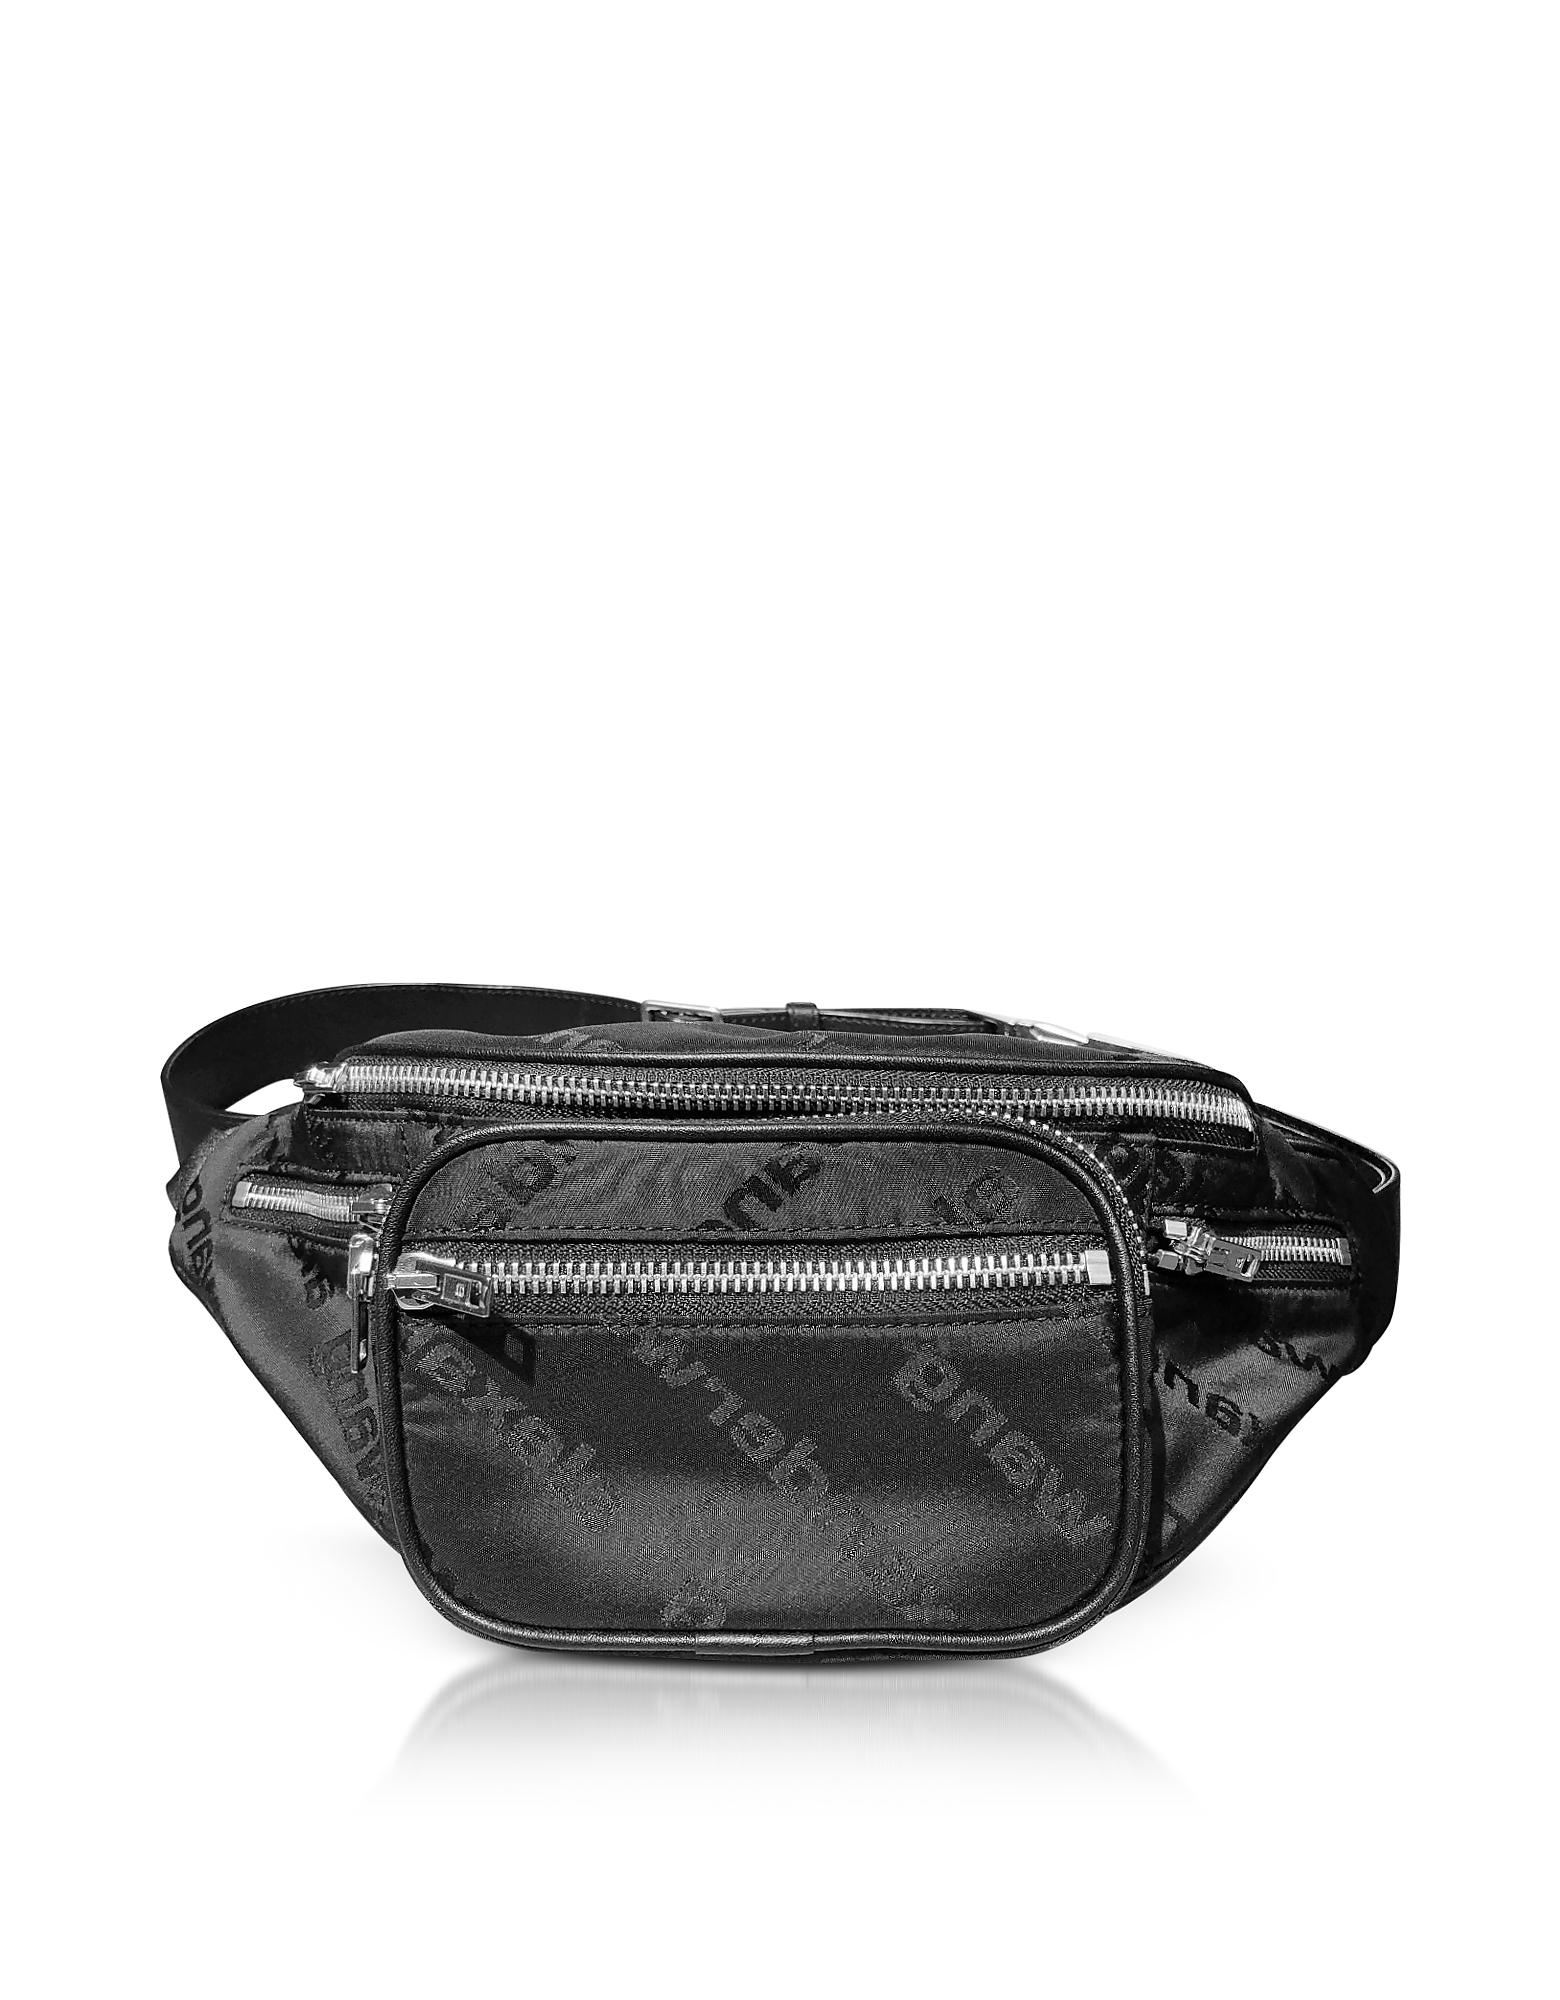 Attica Black Aw Jacquard Logo Soft Fanny Pack/Belt Bag